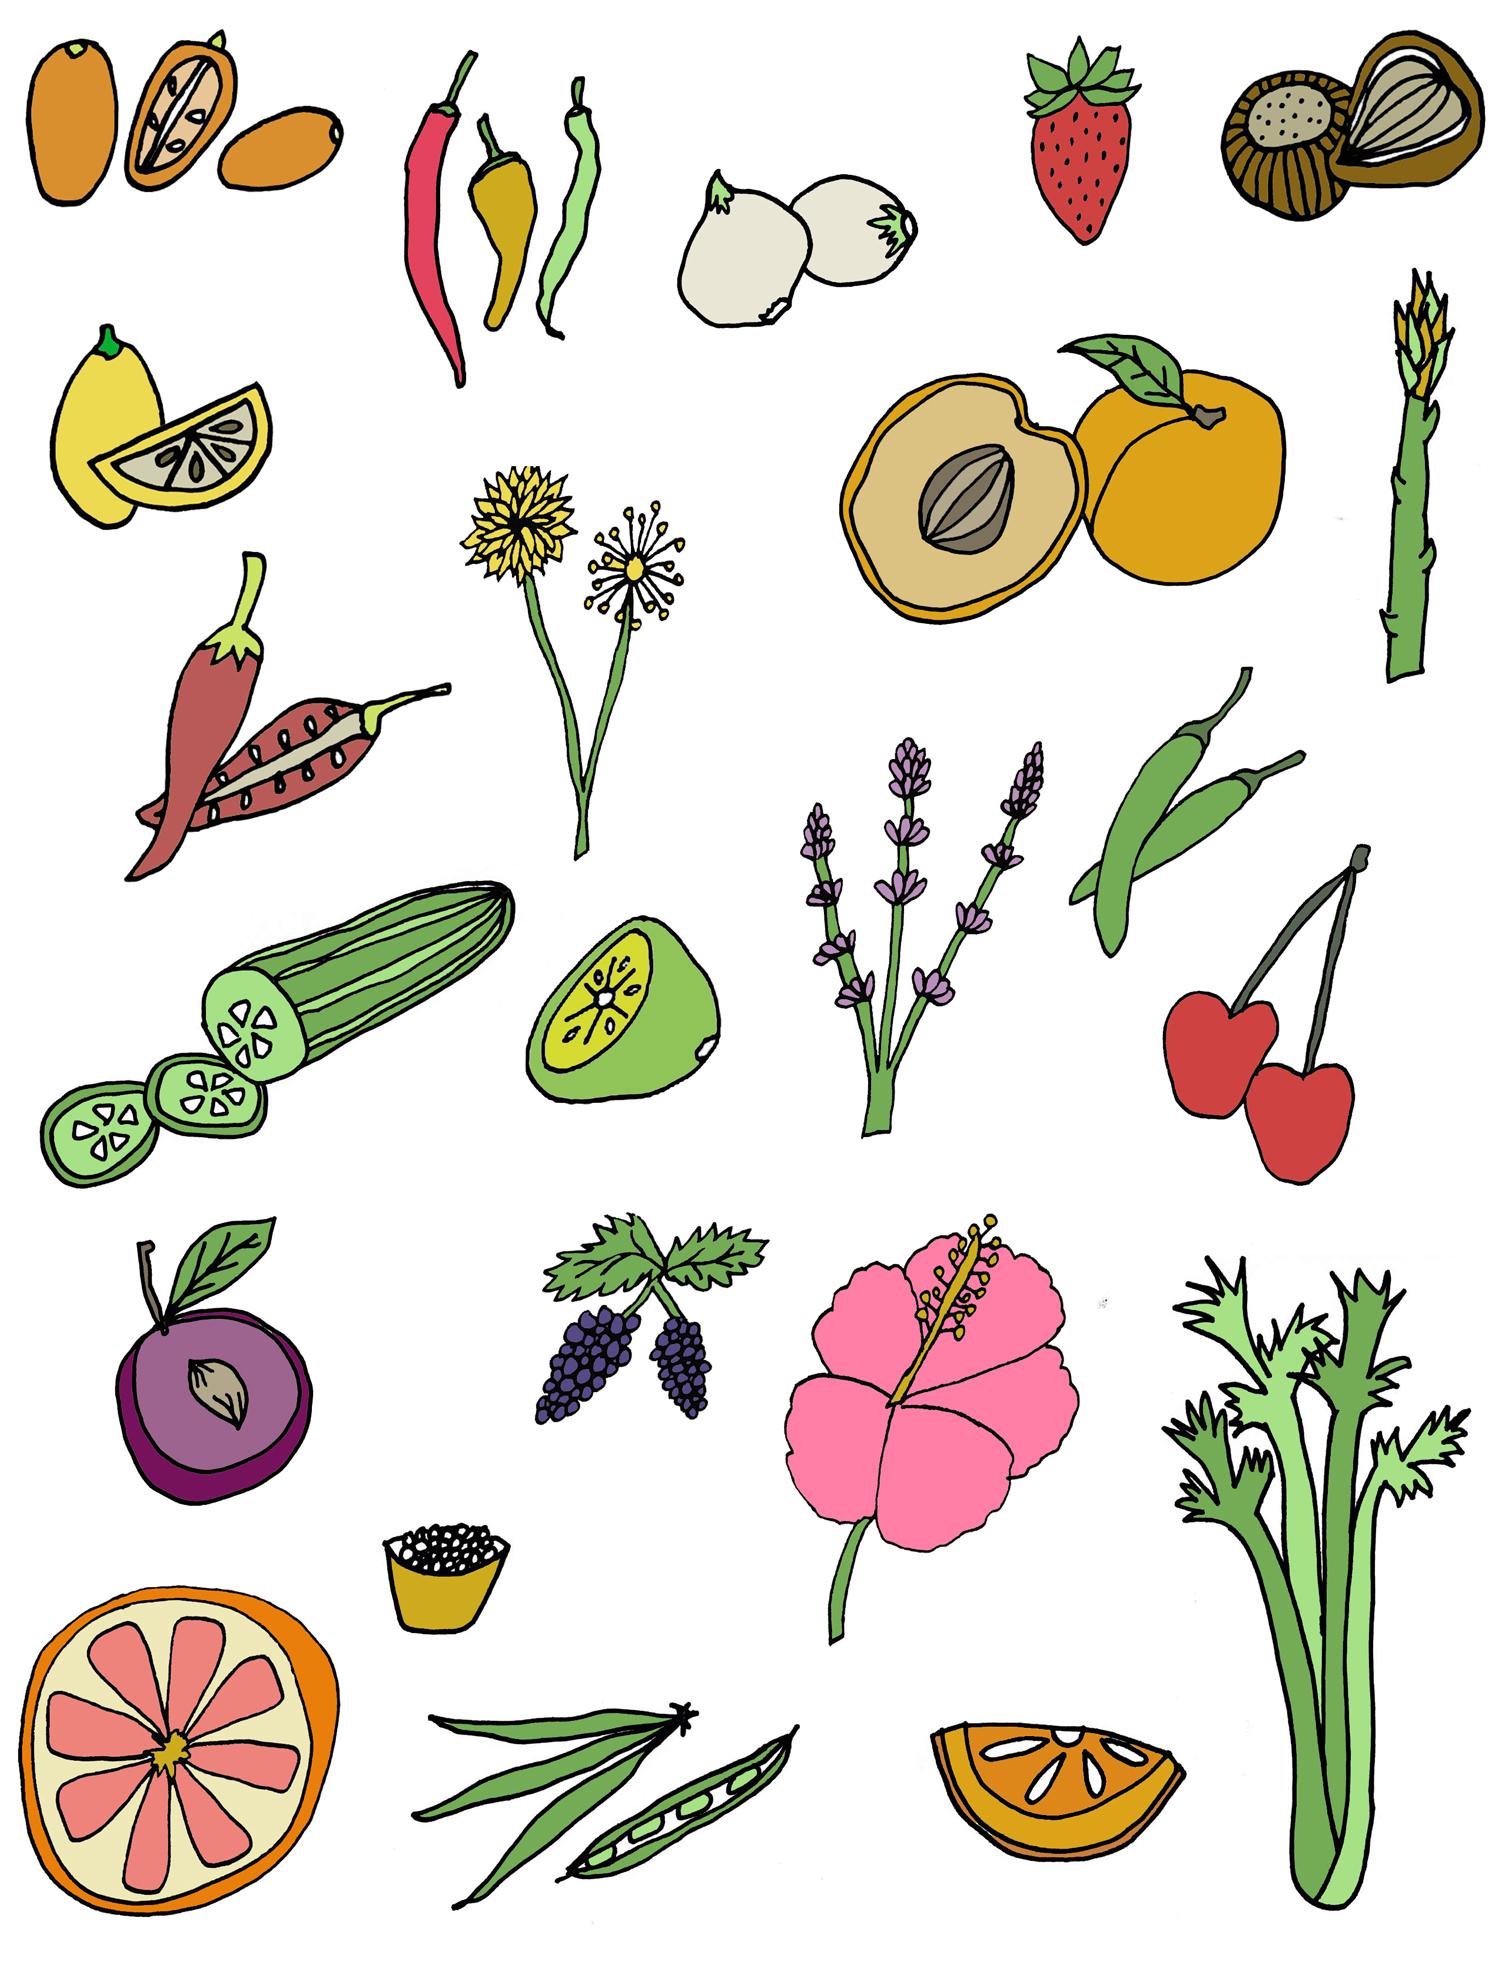 fruit vegetables drawing illustration nicole stevenson studio.jpg